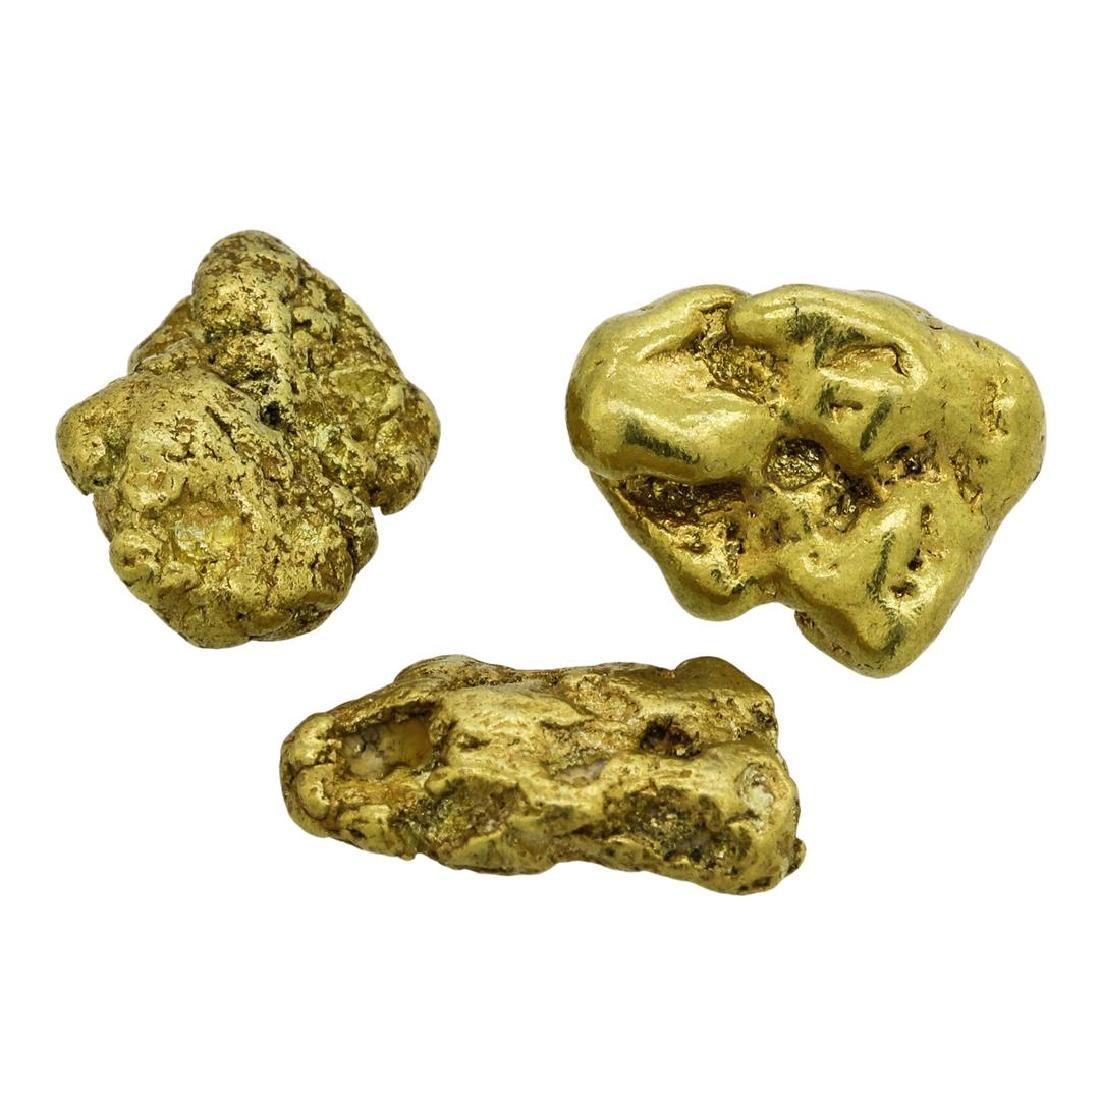 Lot of (2) Alaskan Gold Nuggets 13.14 Grams